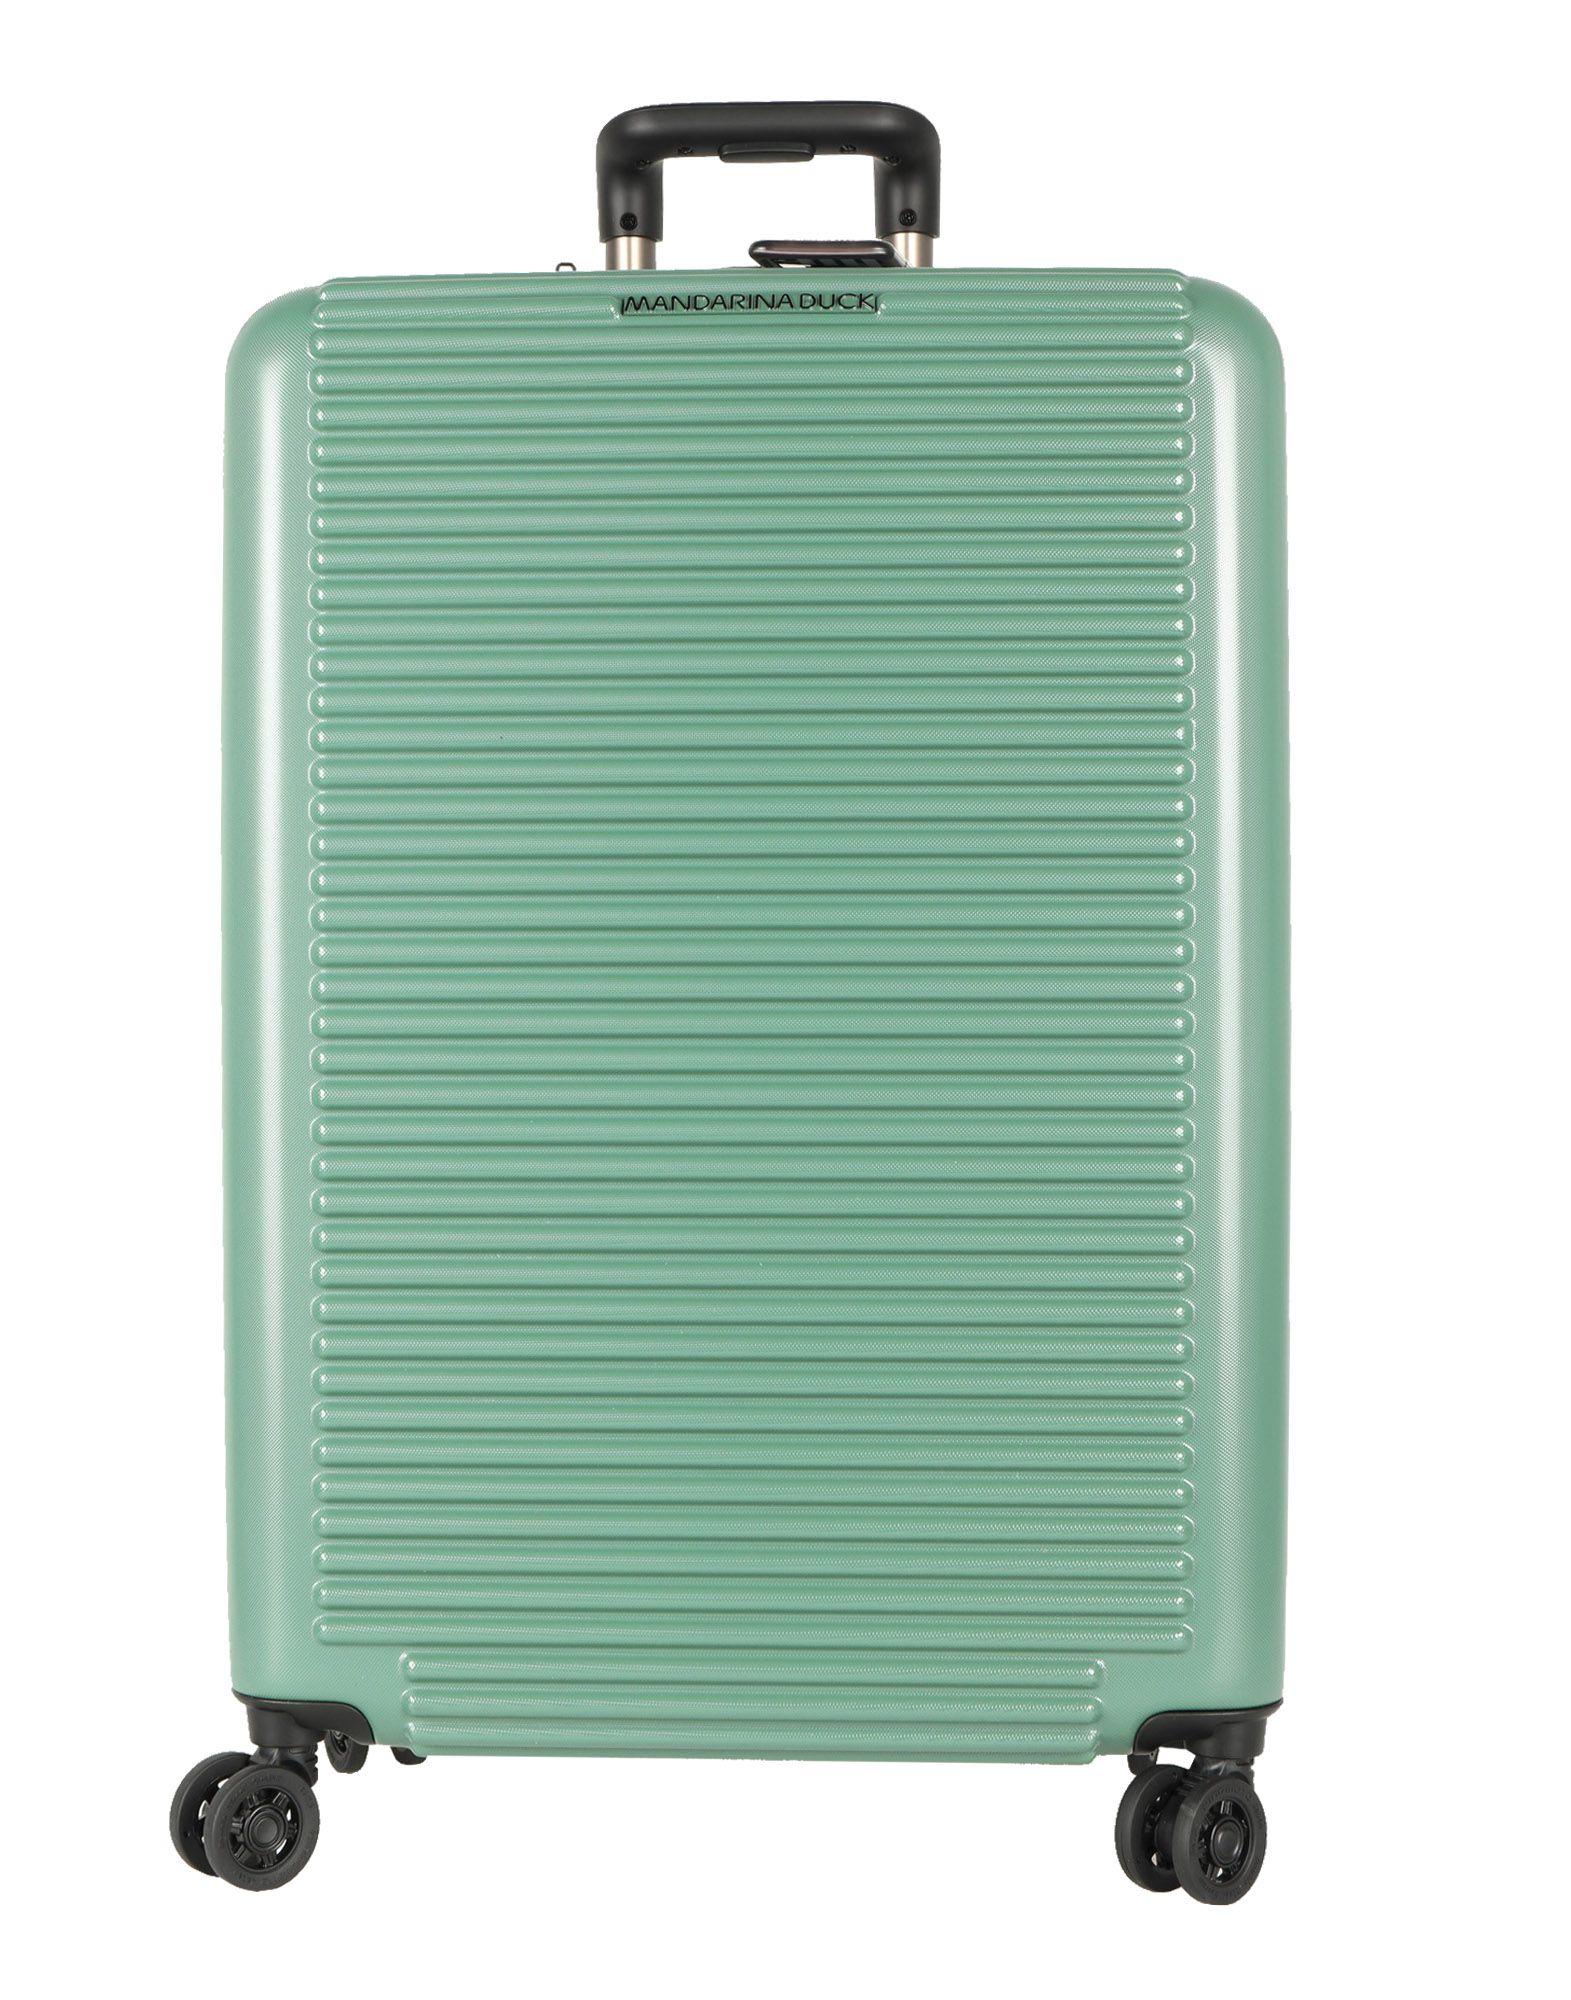 《期間限定セール中》MANDARINA DUCK Unisex キャスター付きバッグ グリーン ポリアクリル